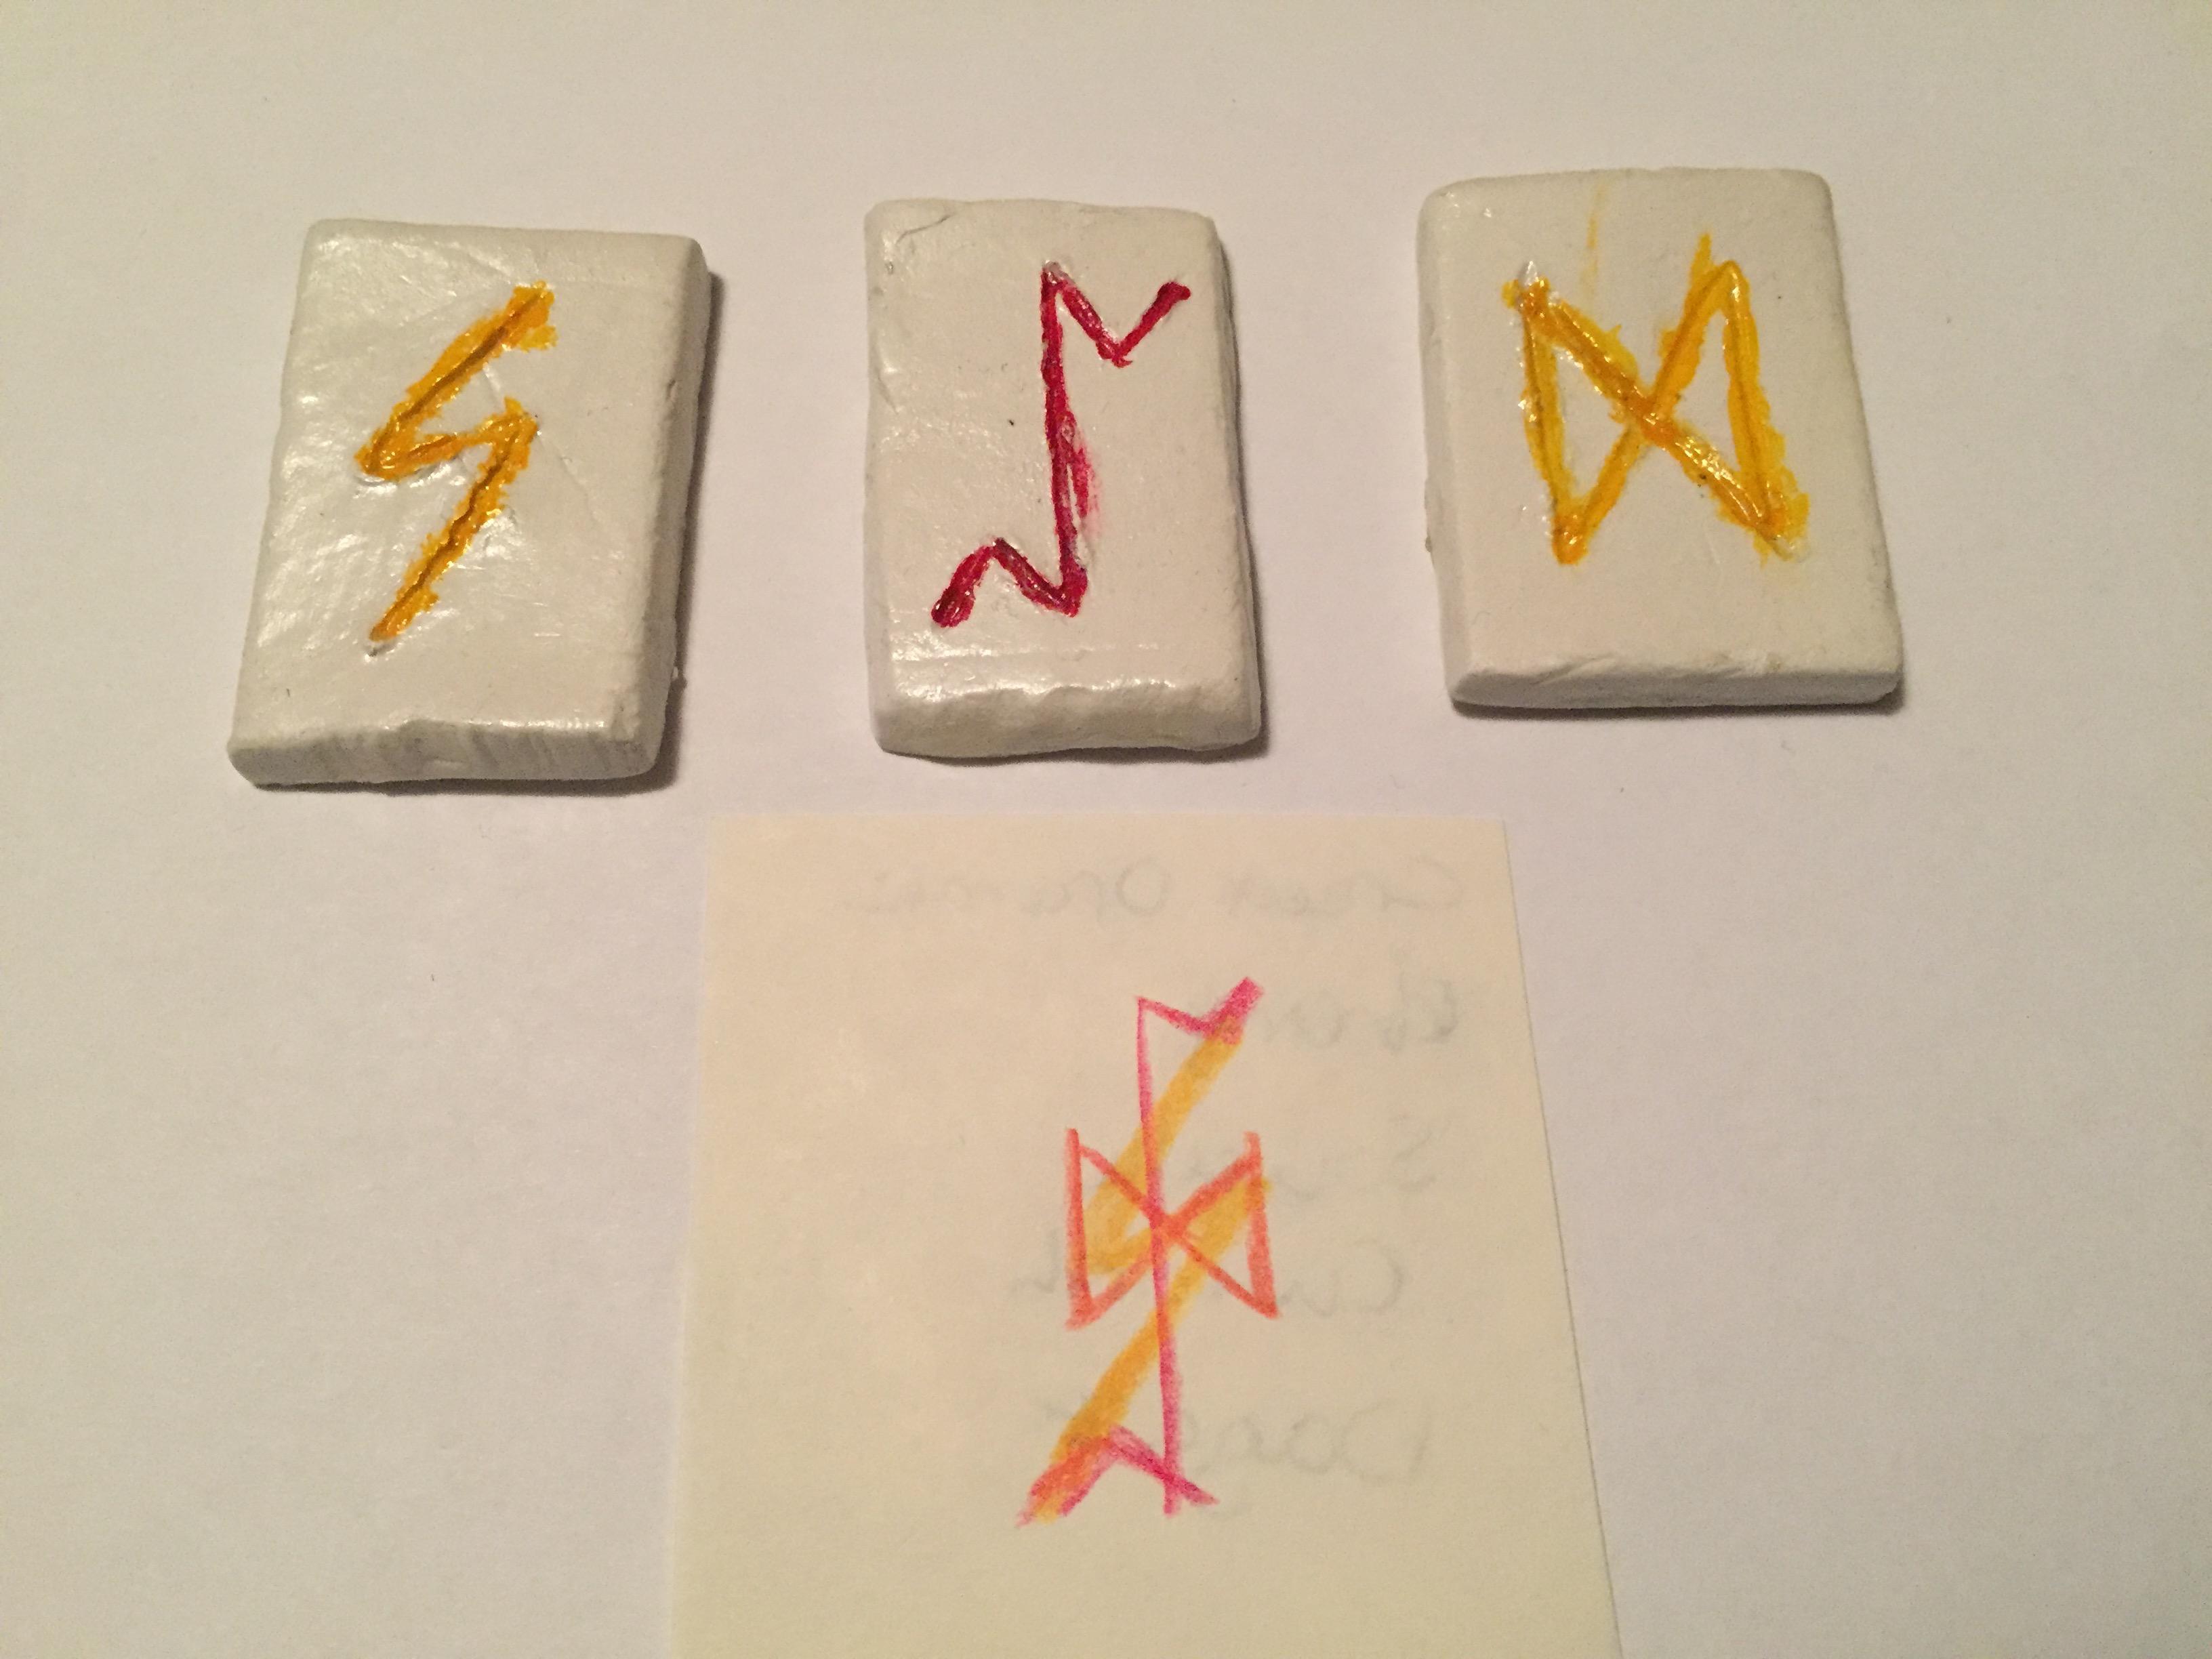 Bind Runes Create – Wonderful Image Gallery